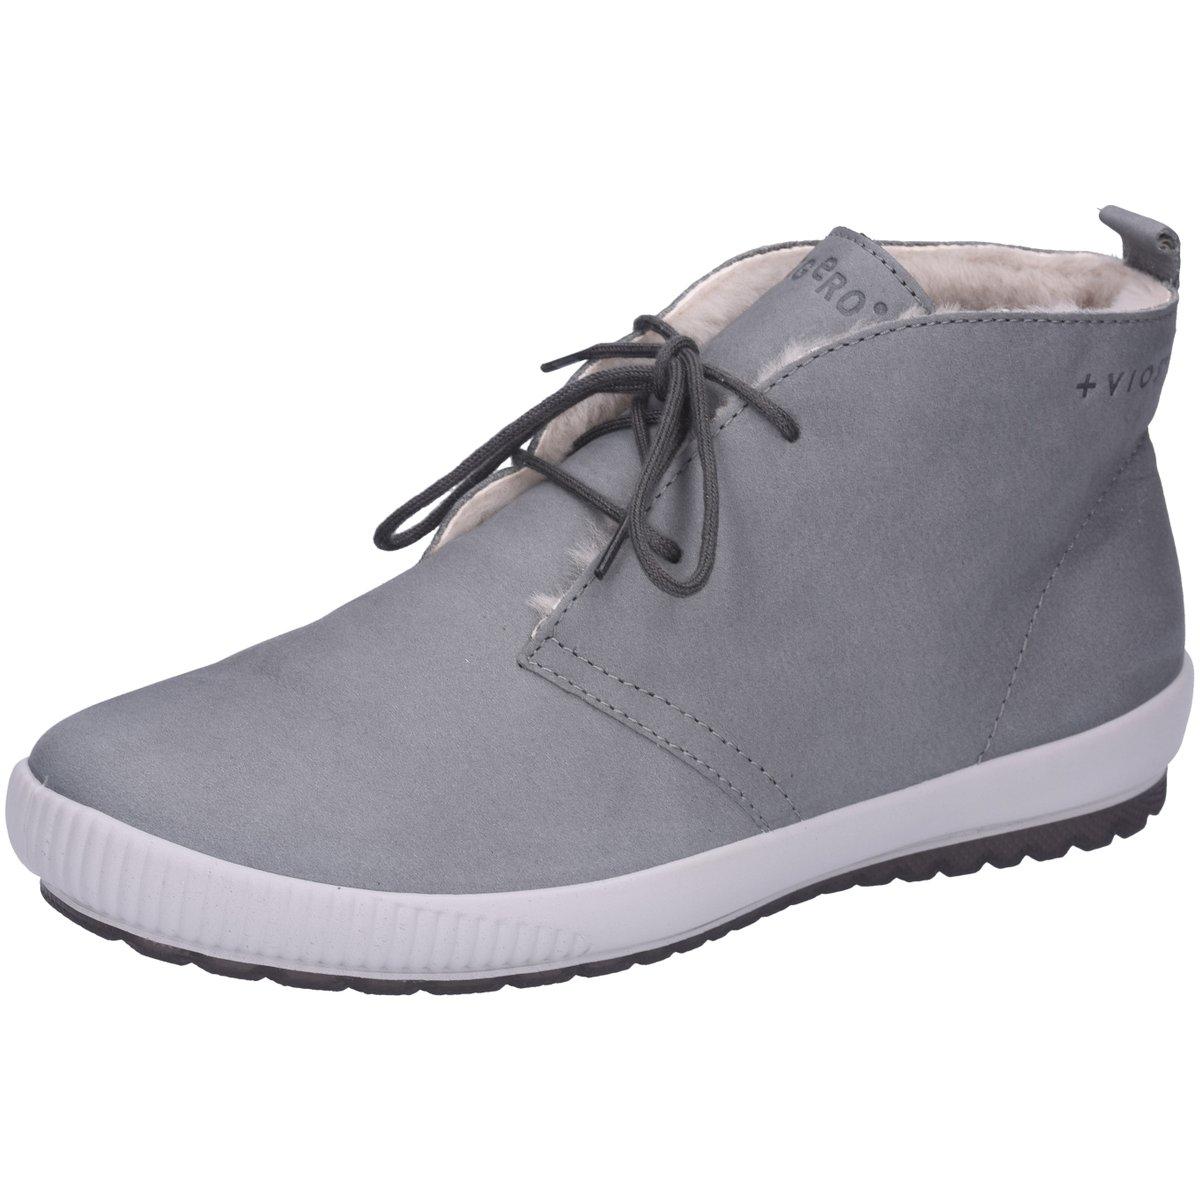 NEU Legero Damen Stiefel 1-00990-05 grau 330074